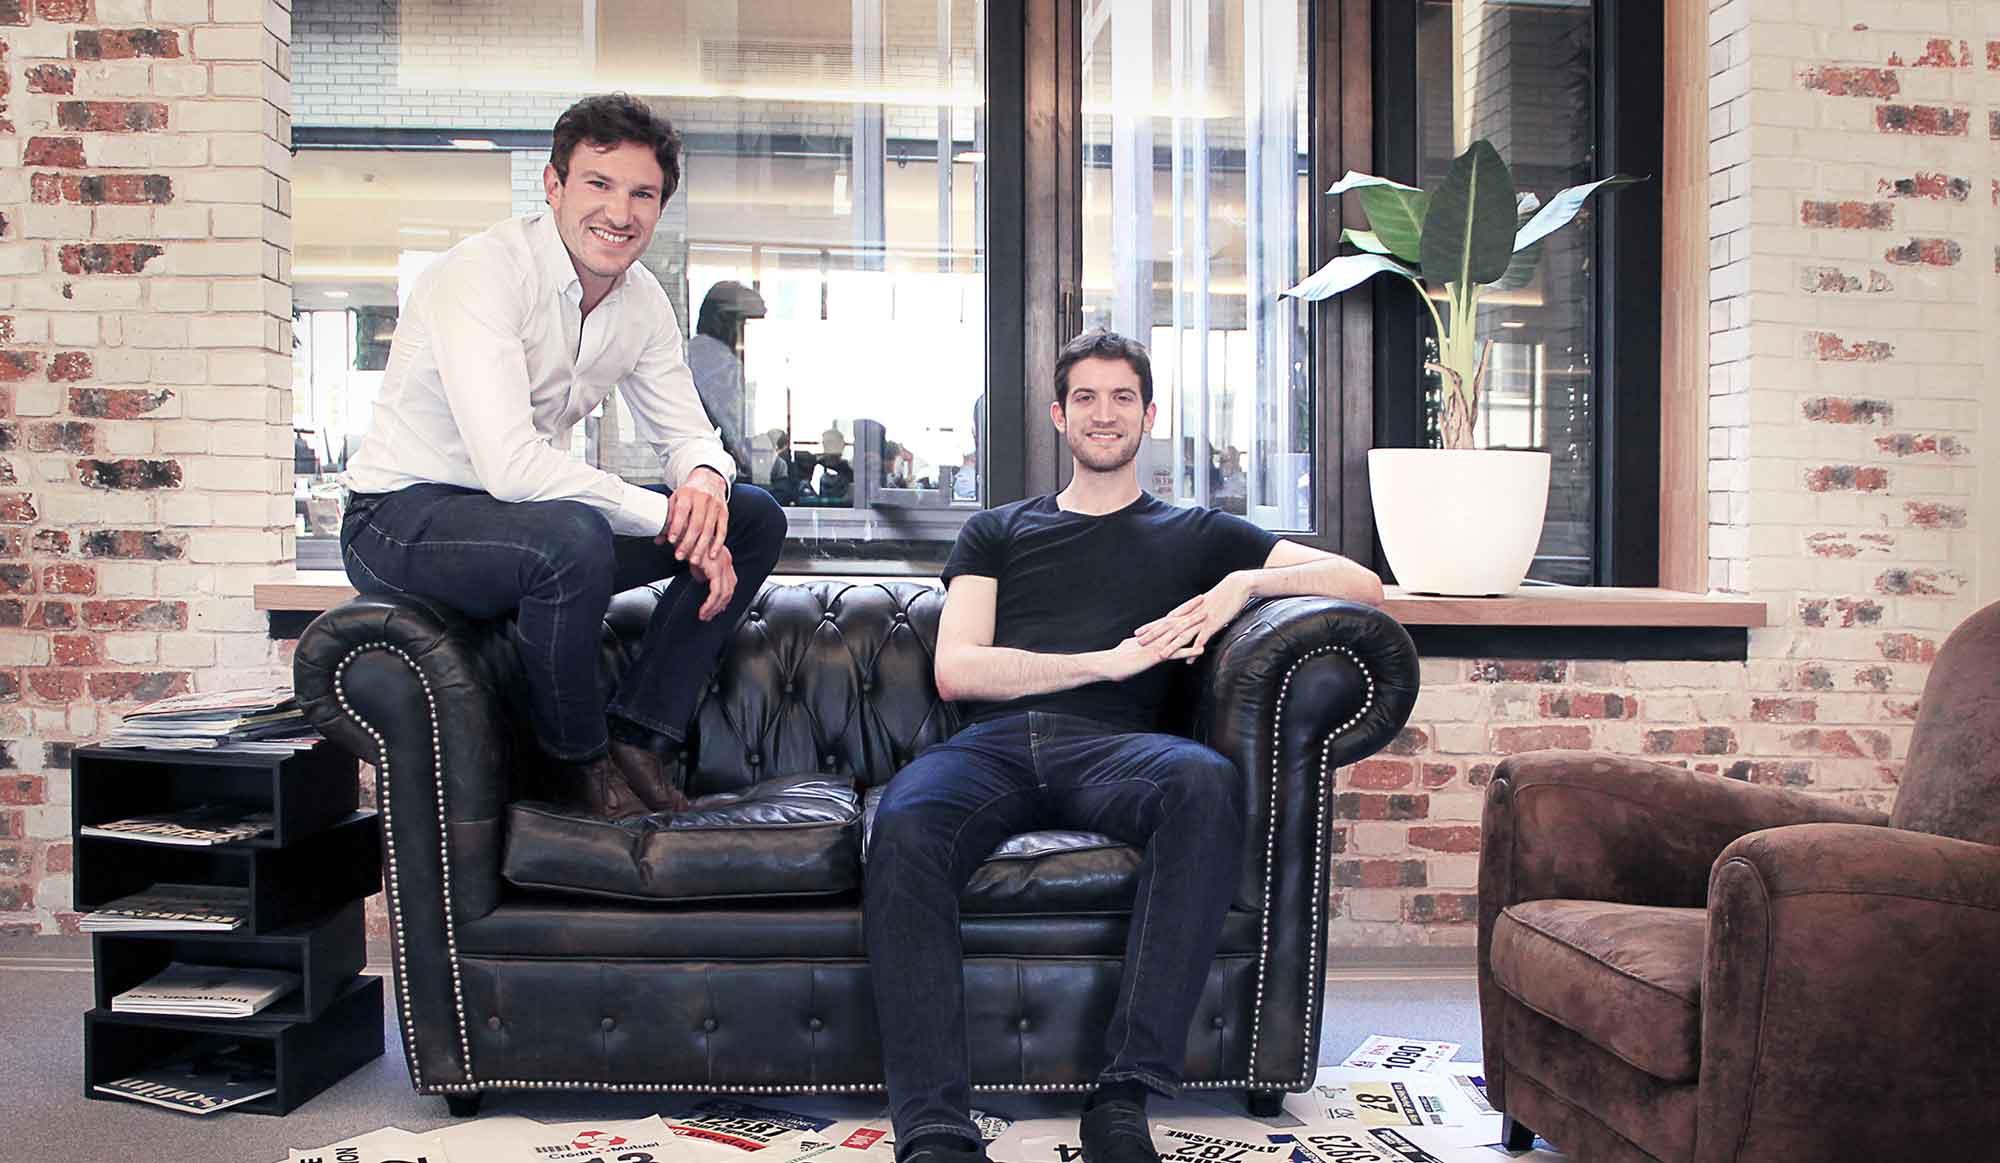 Boris Pourreau est un entrepreneur fondateur de la plateforme Sport Heroes, Boris est aussi conférencier sportif pour WeChamp